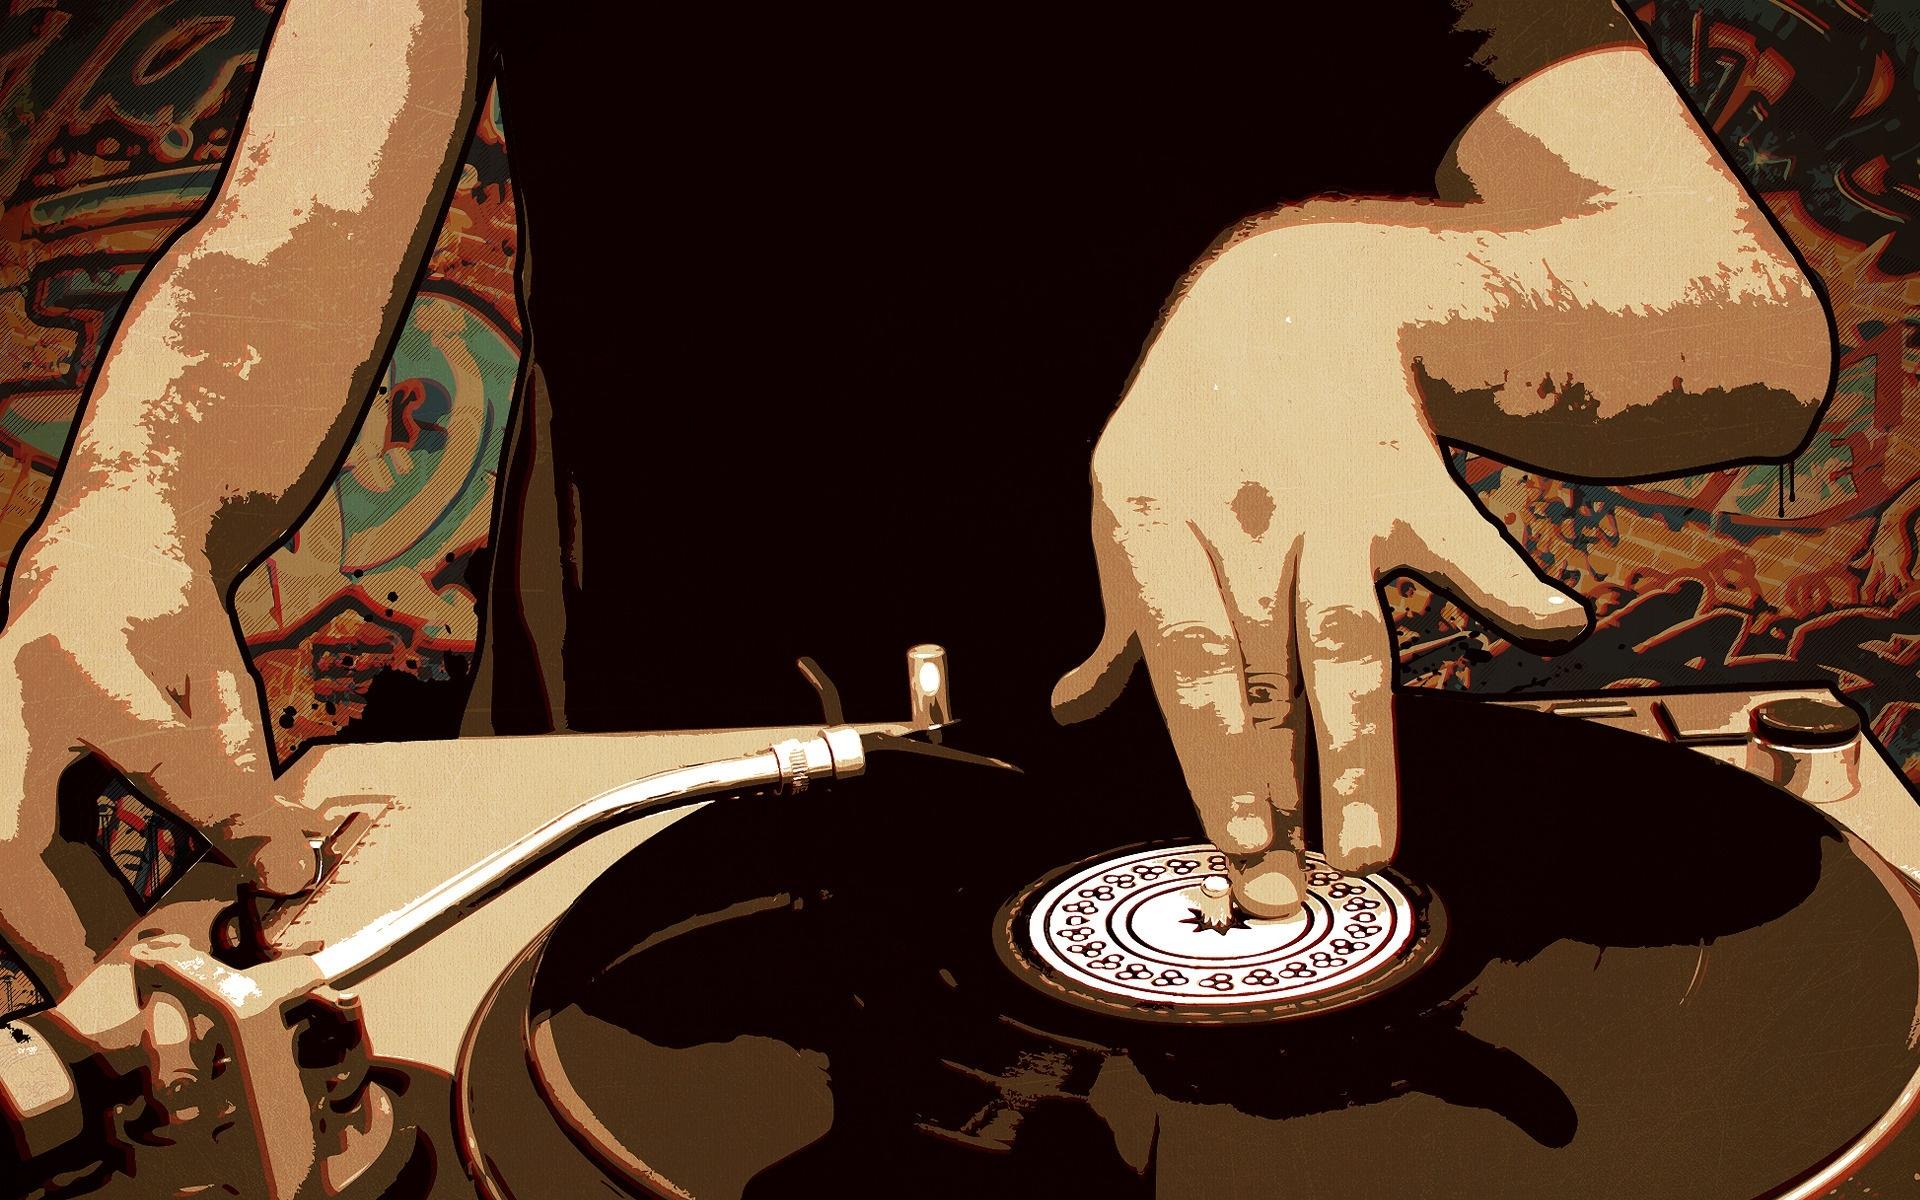 DJ Mixer Wallpapers wallpaper DJ Mixer Wallpapers hd wallpaper 1920x1200